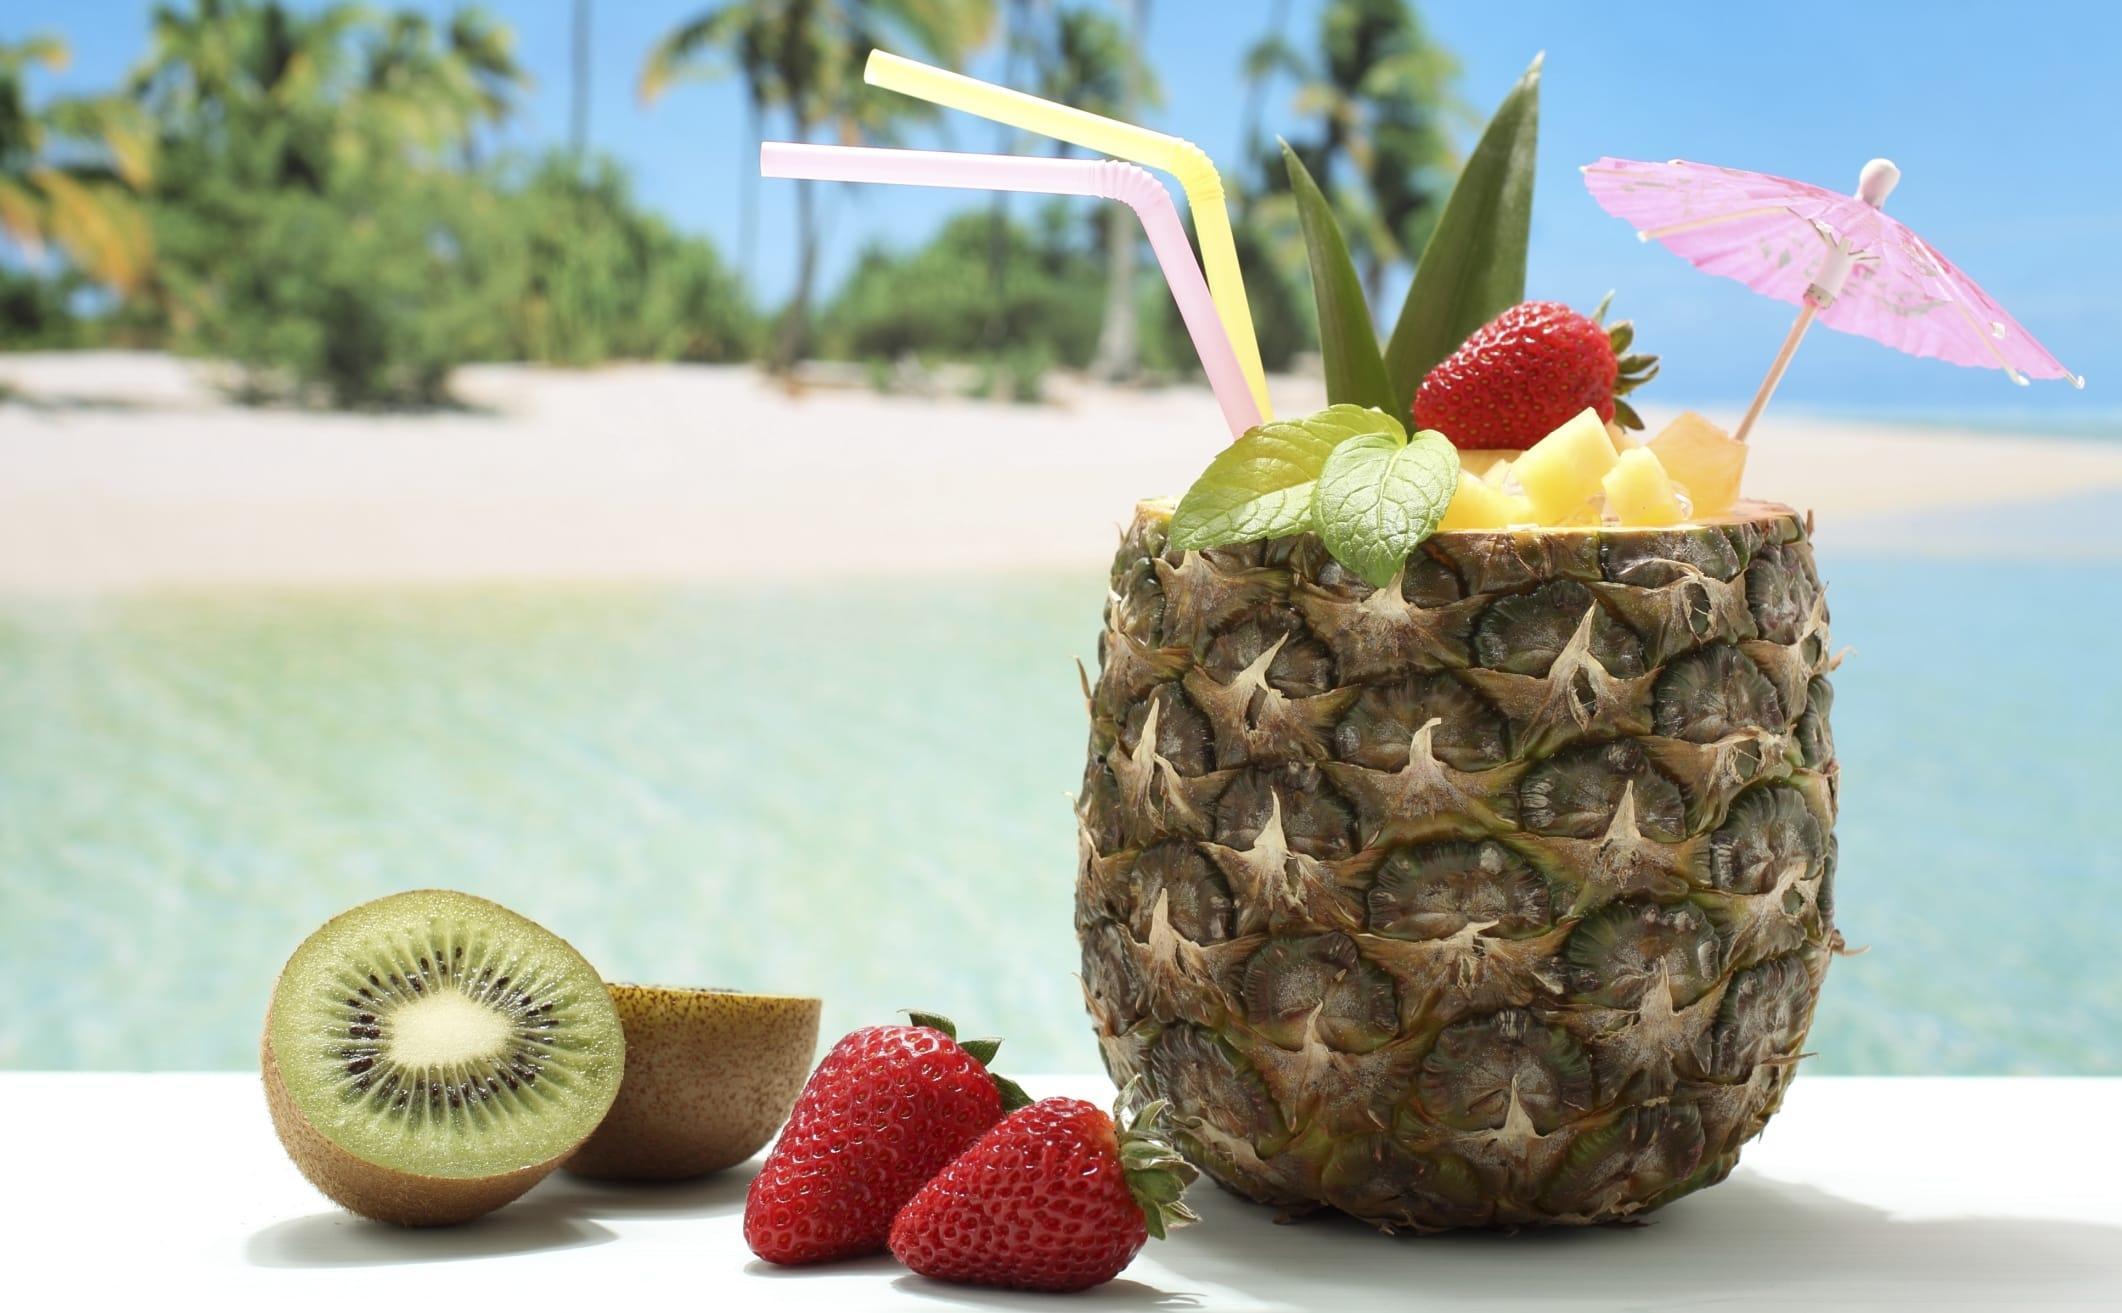 Vacanze in posti esotici: tutti i consigli su cosa mangiare e cosa no